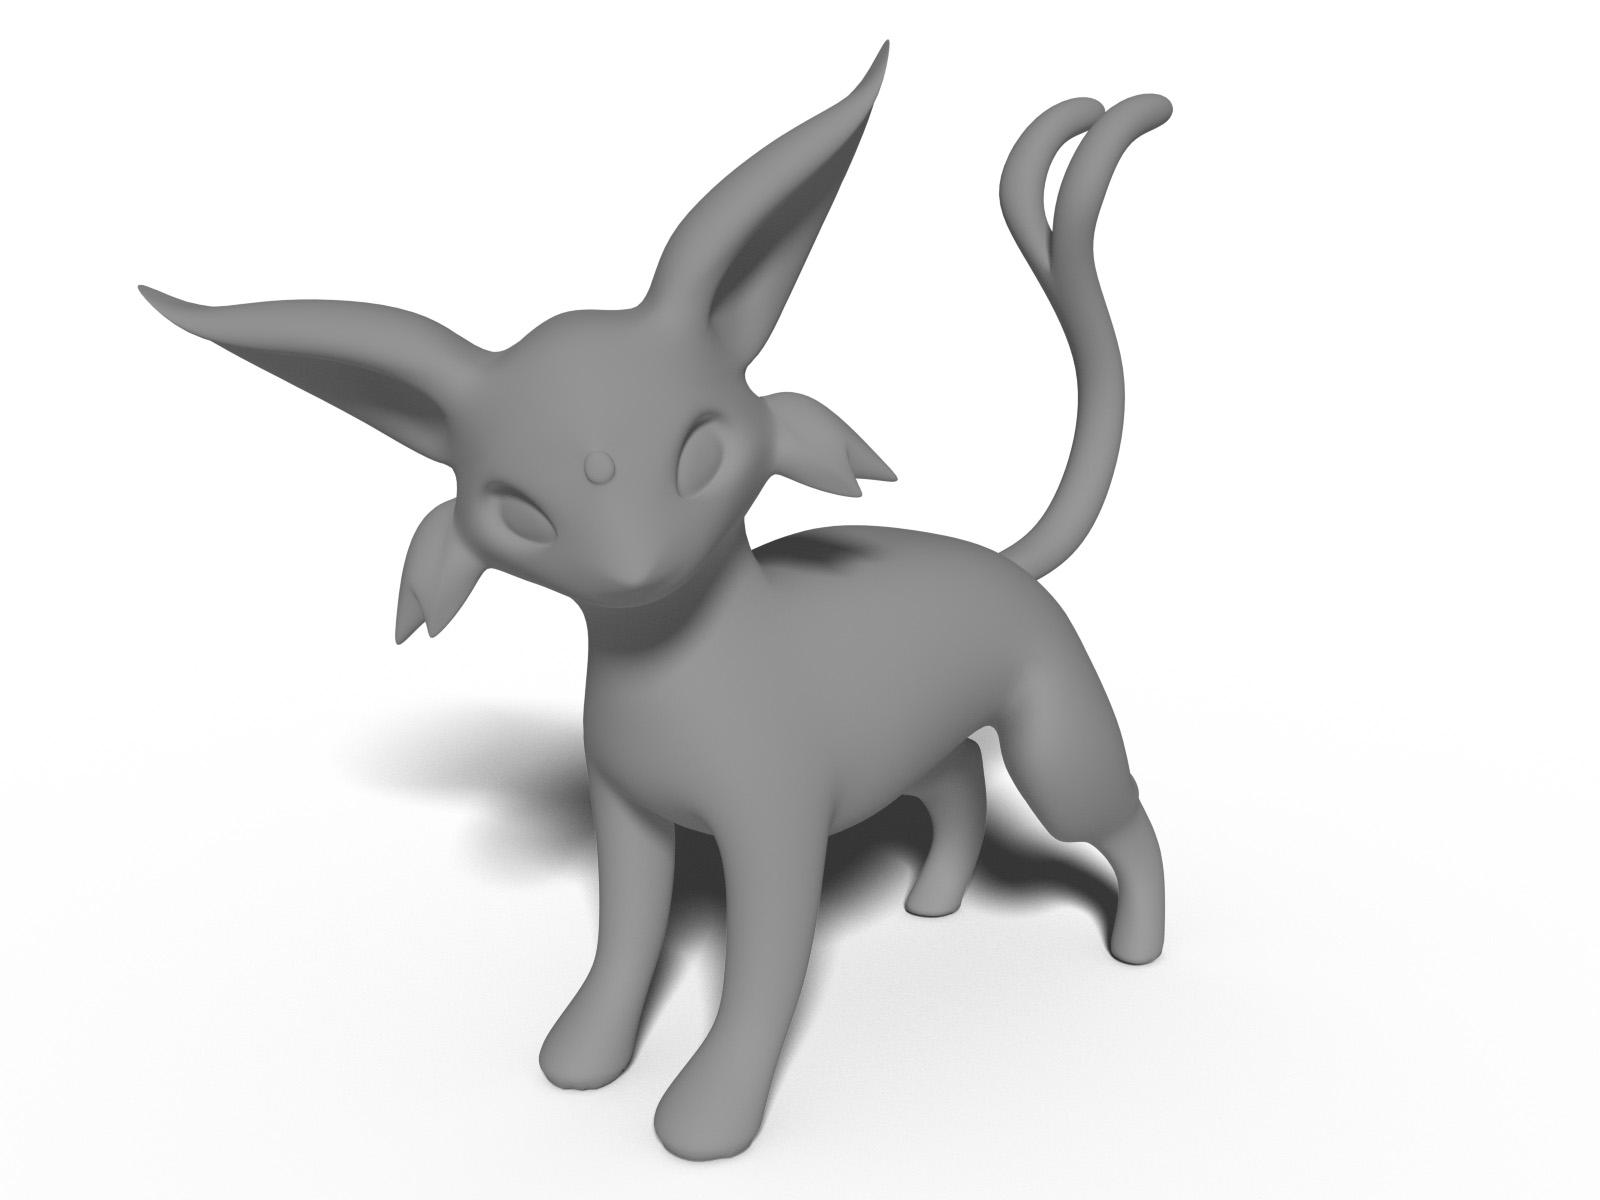 Espeon Pokemon figure